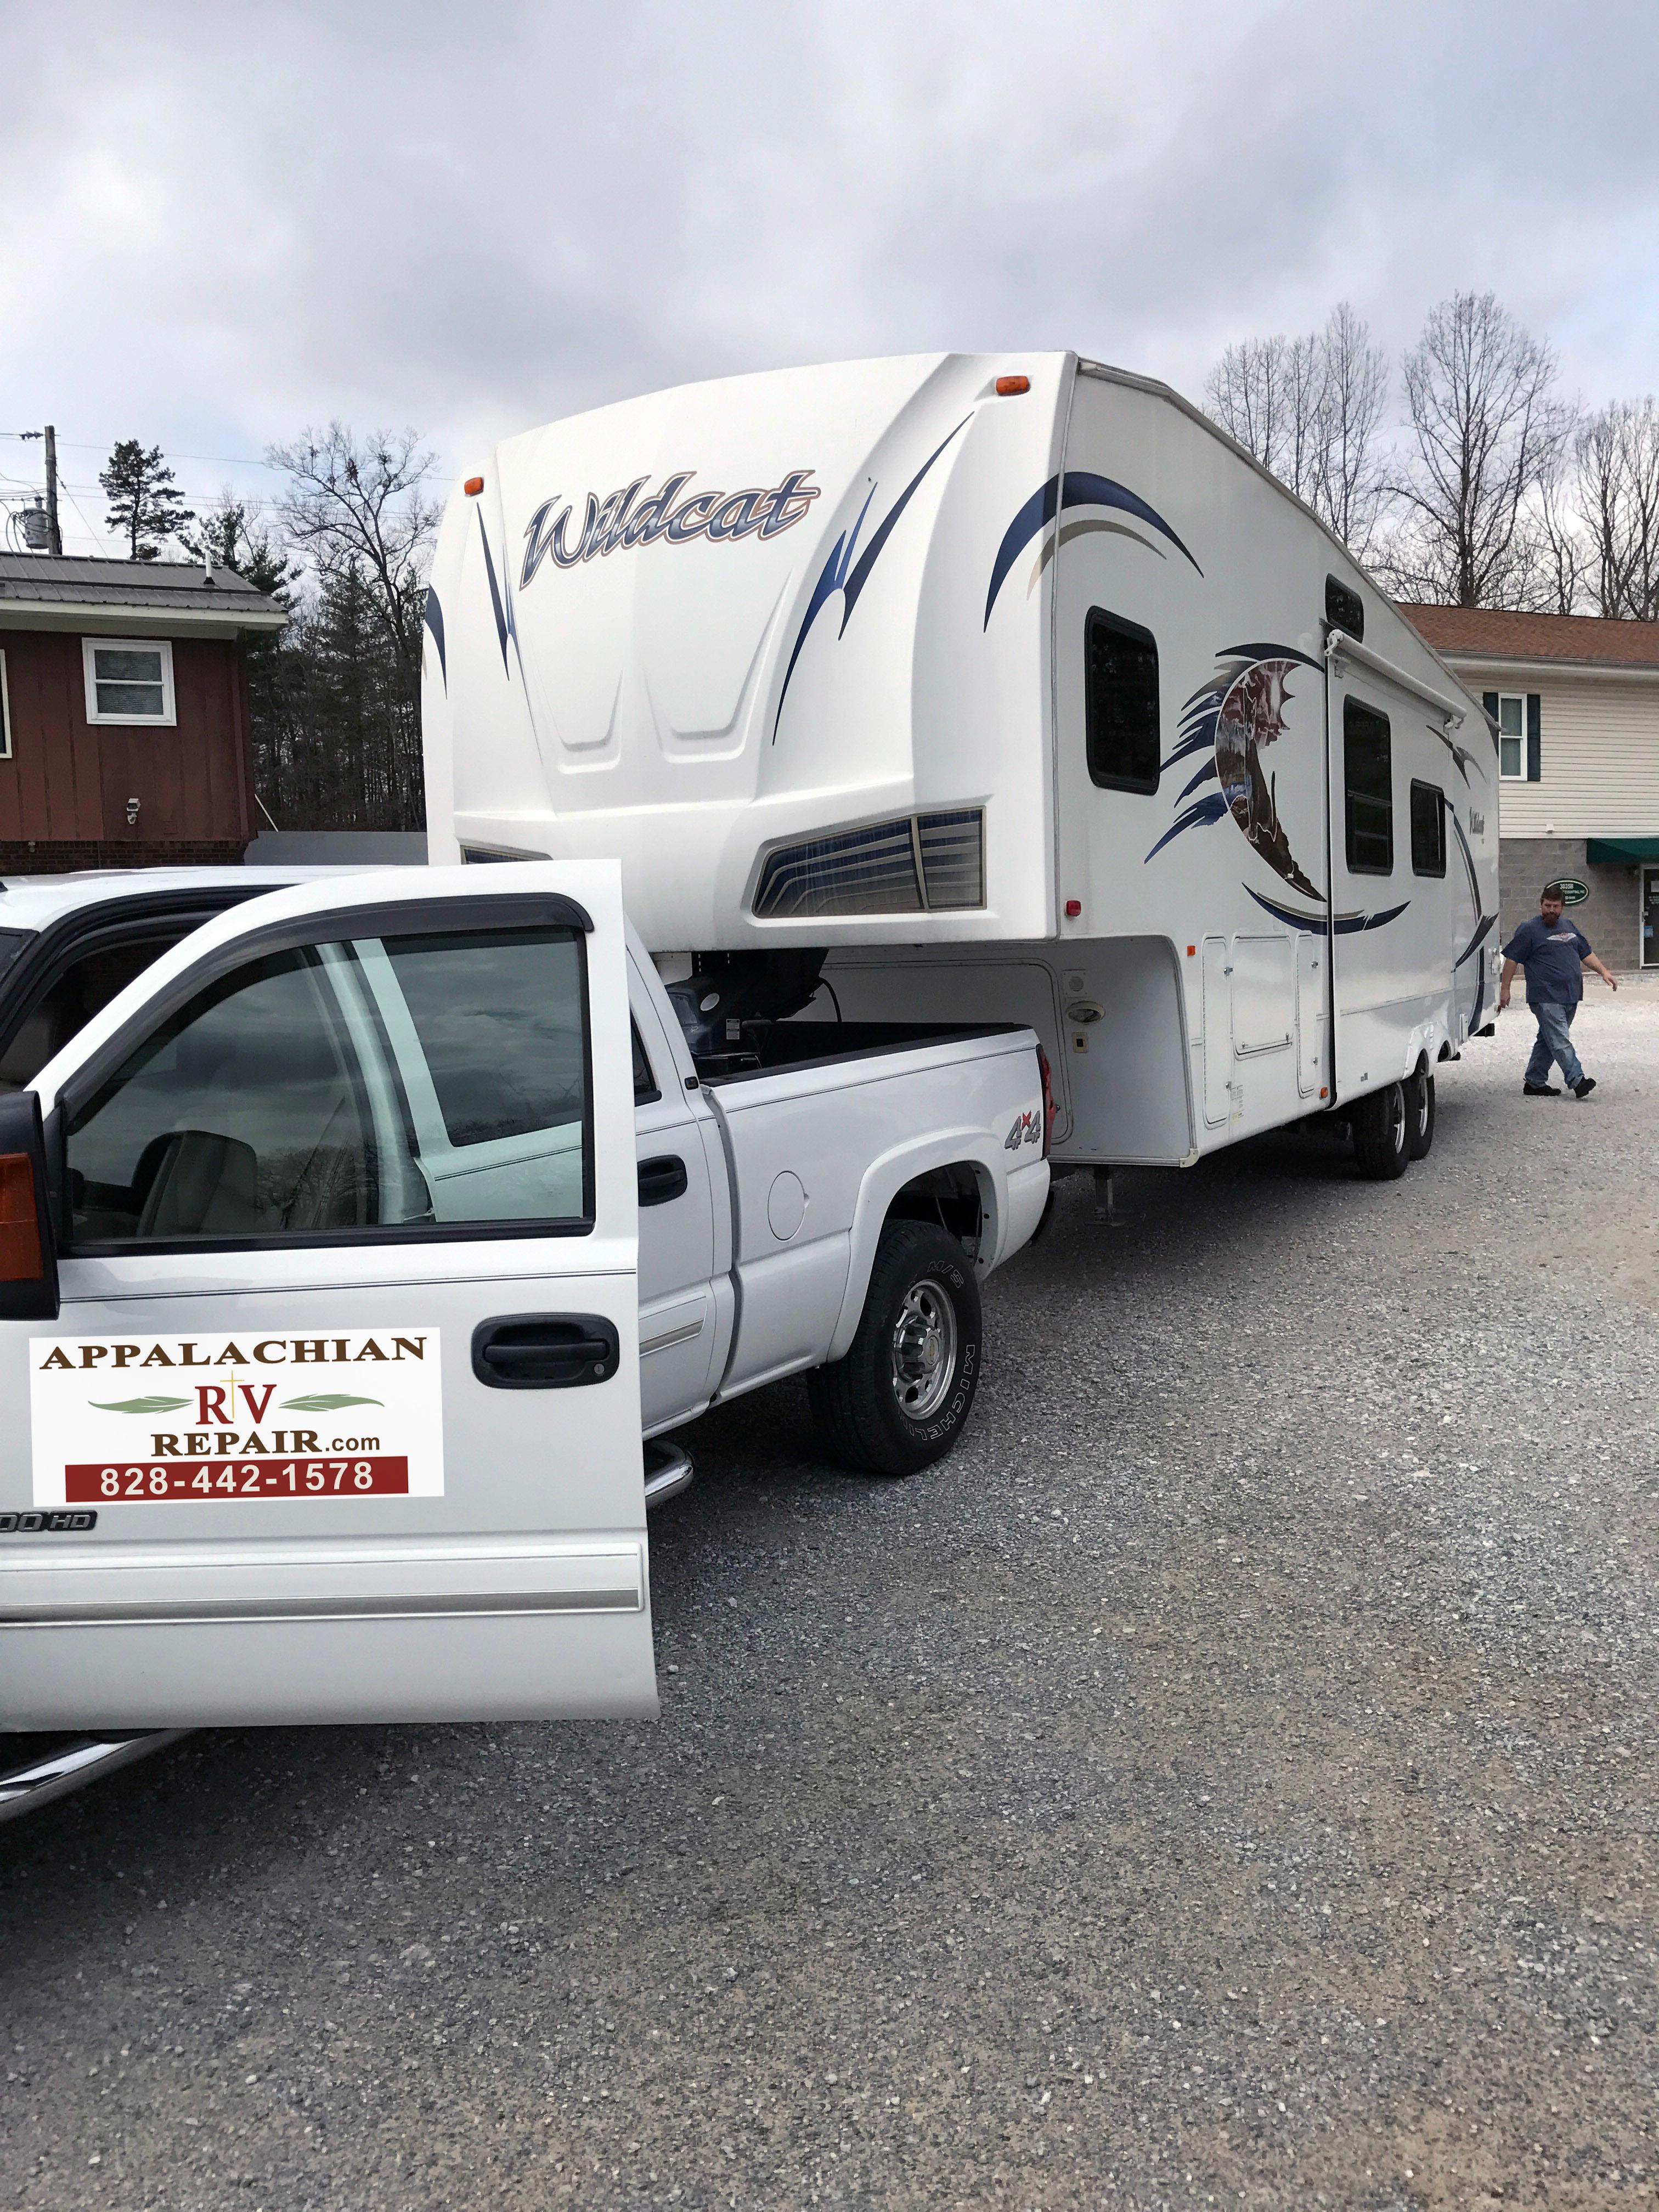 Appalachian RV Repair image 0